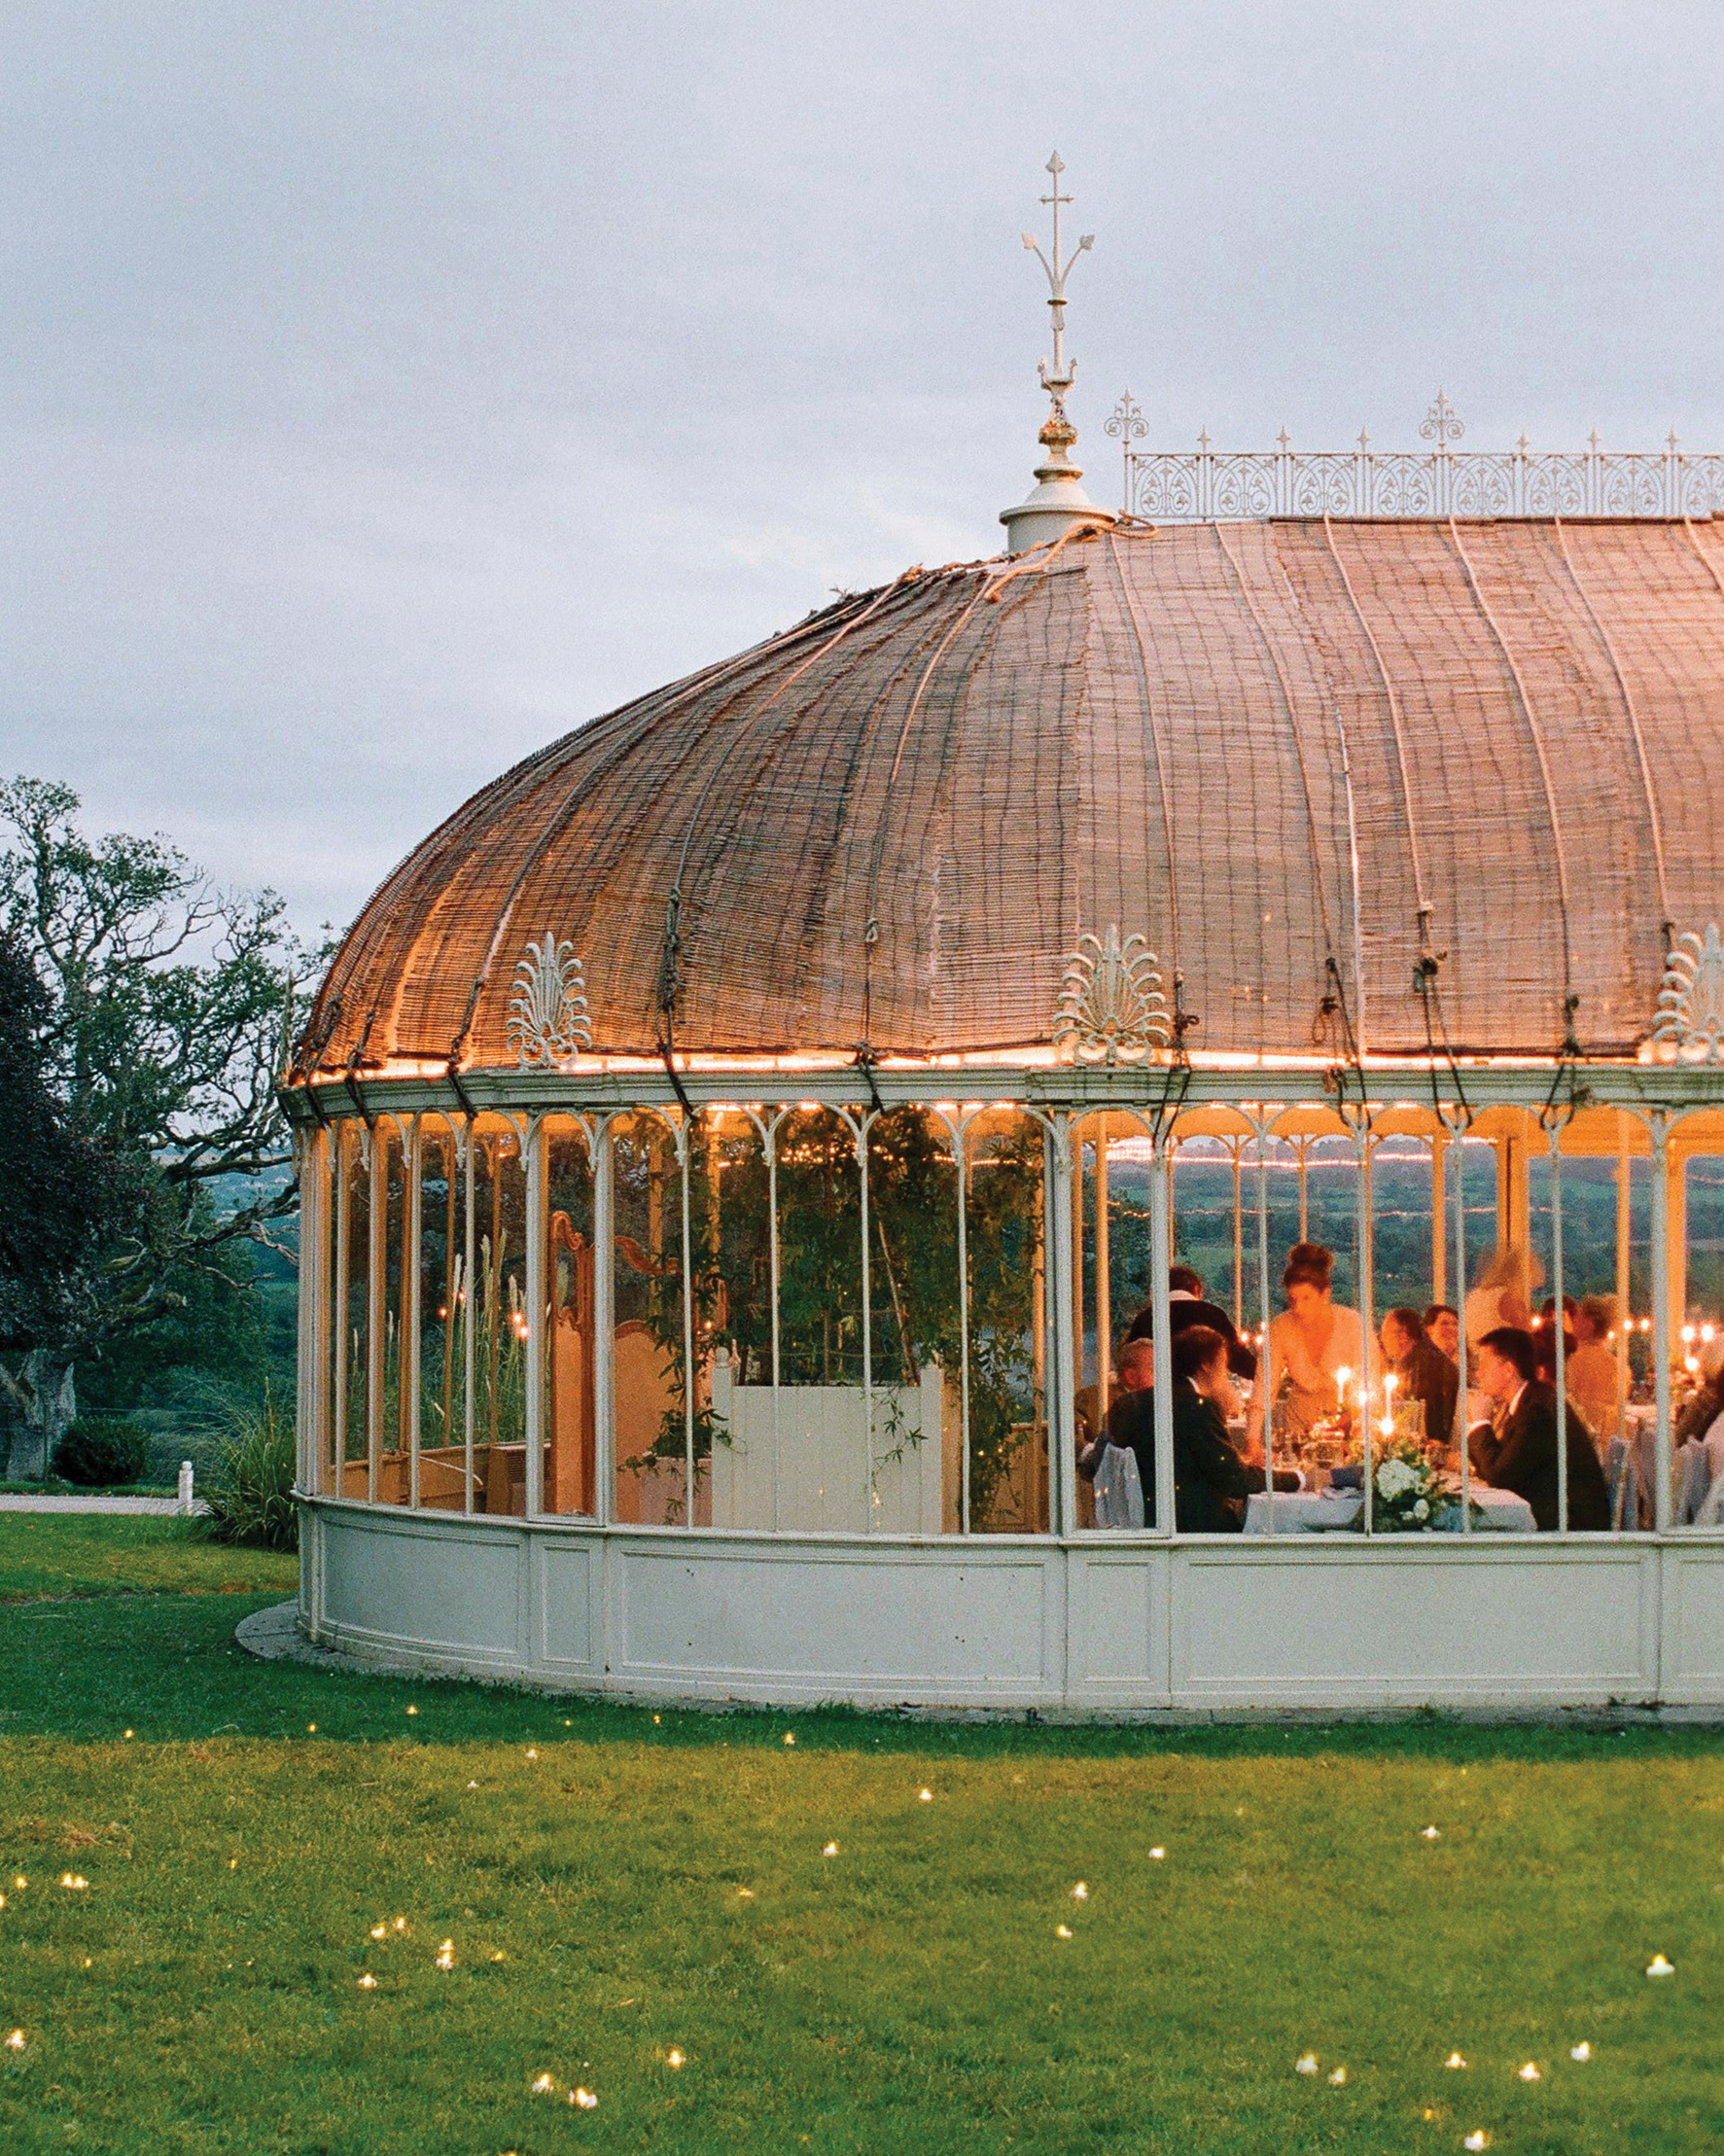 corbin-thatcher-conservatory-1396-mwds109911.jpg